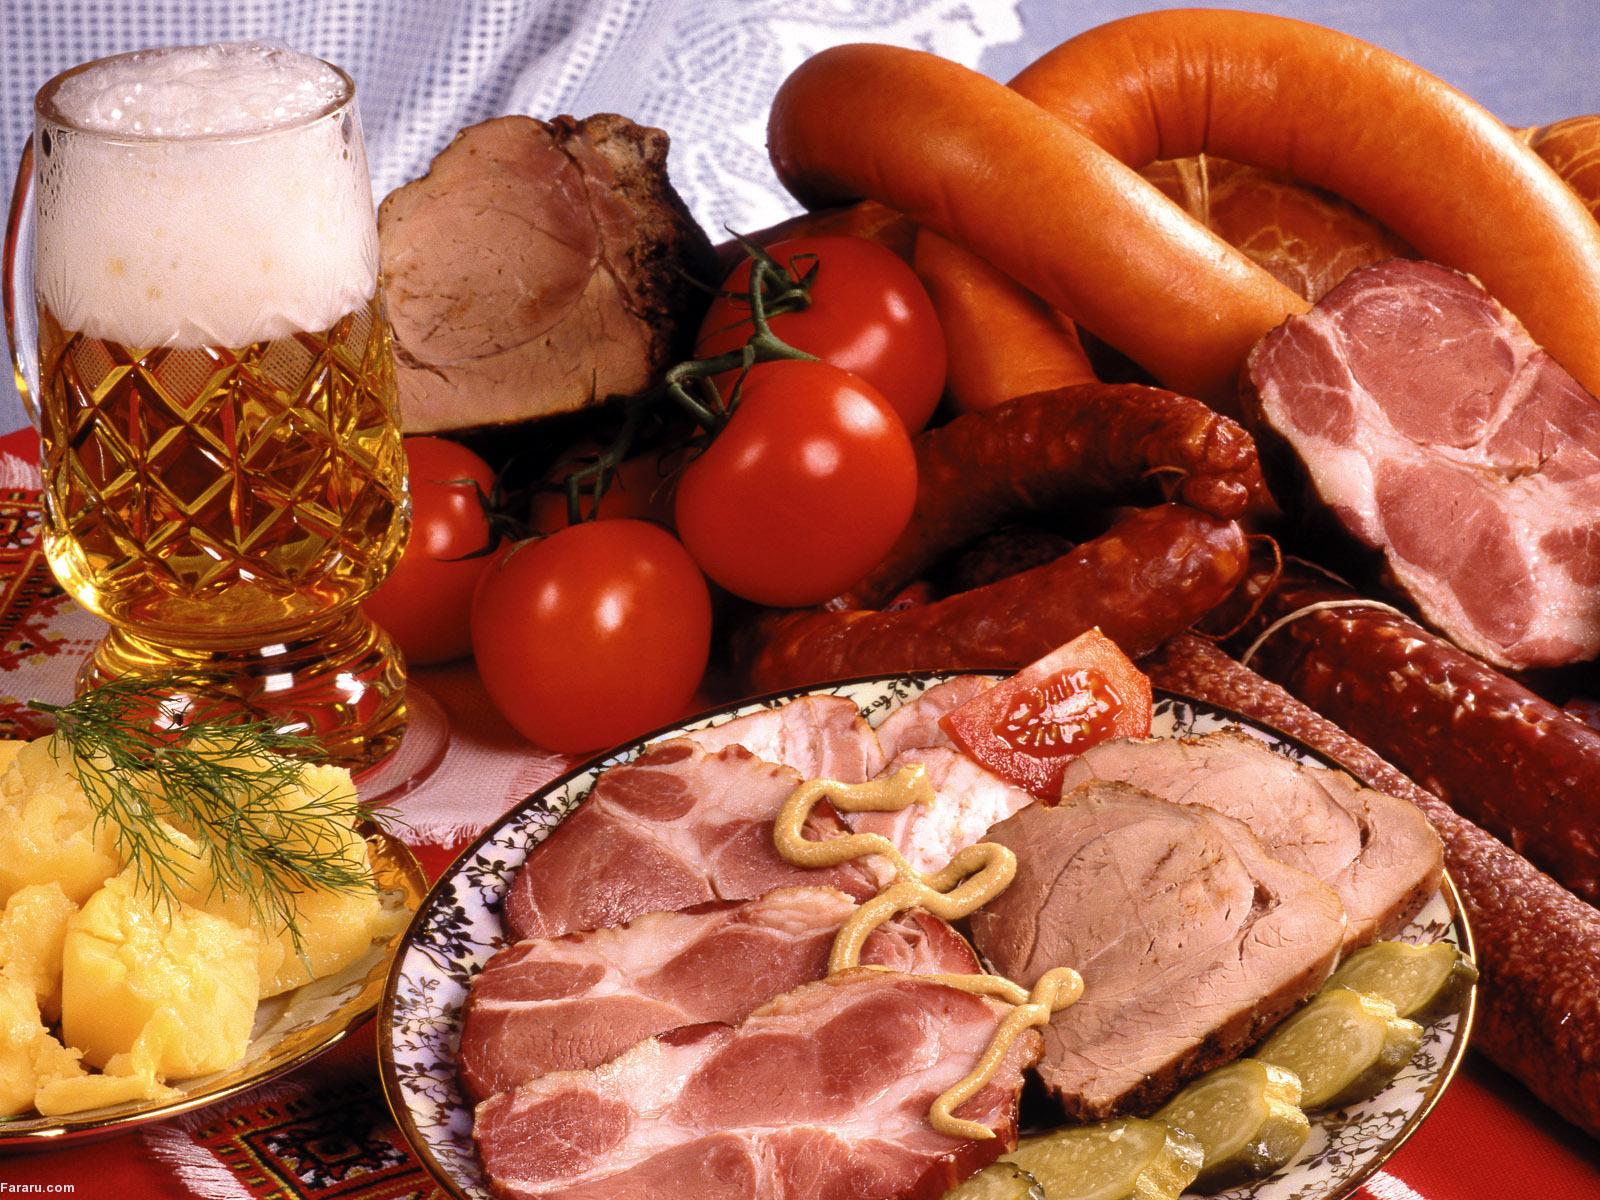 روزهداران این غذاها را در وعده سحری نخورند